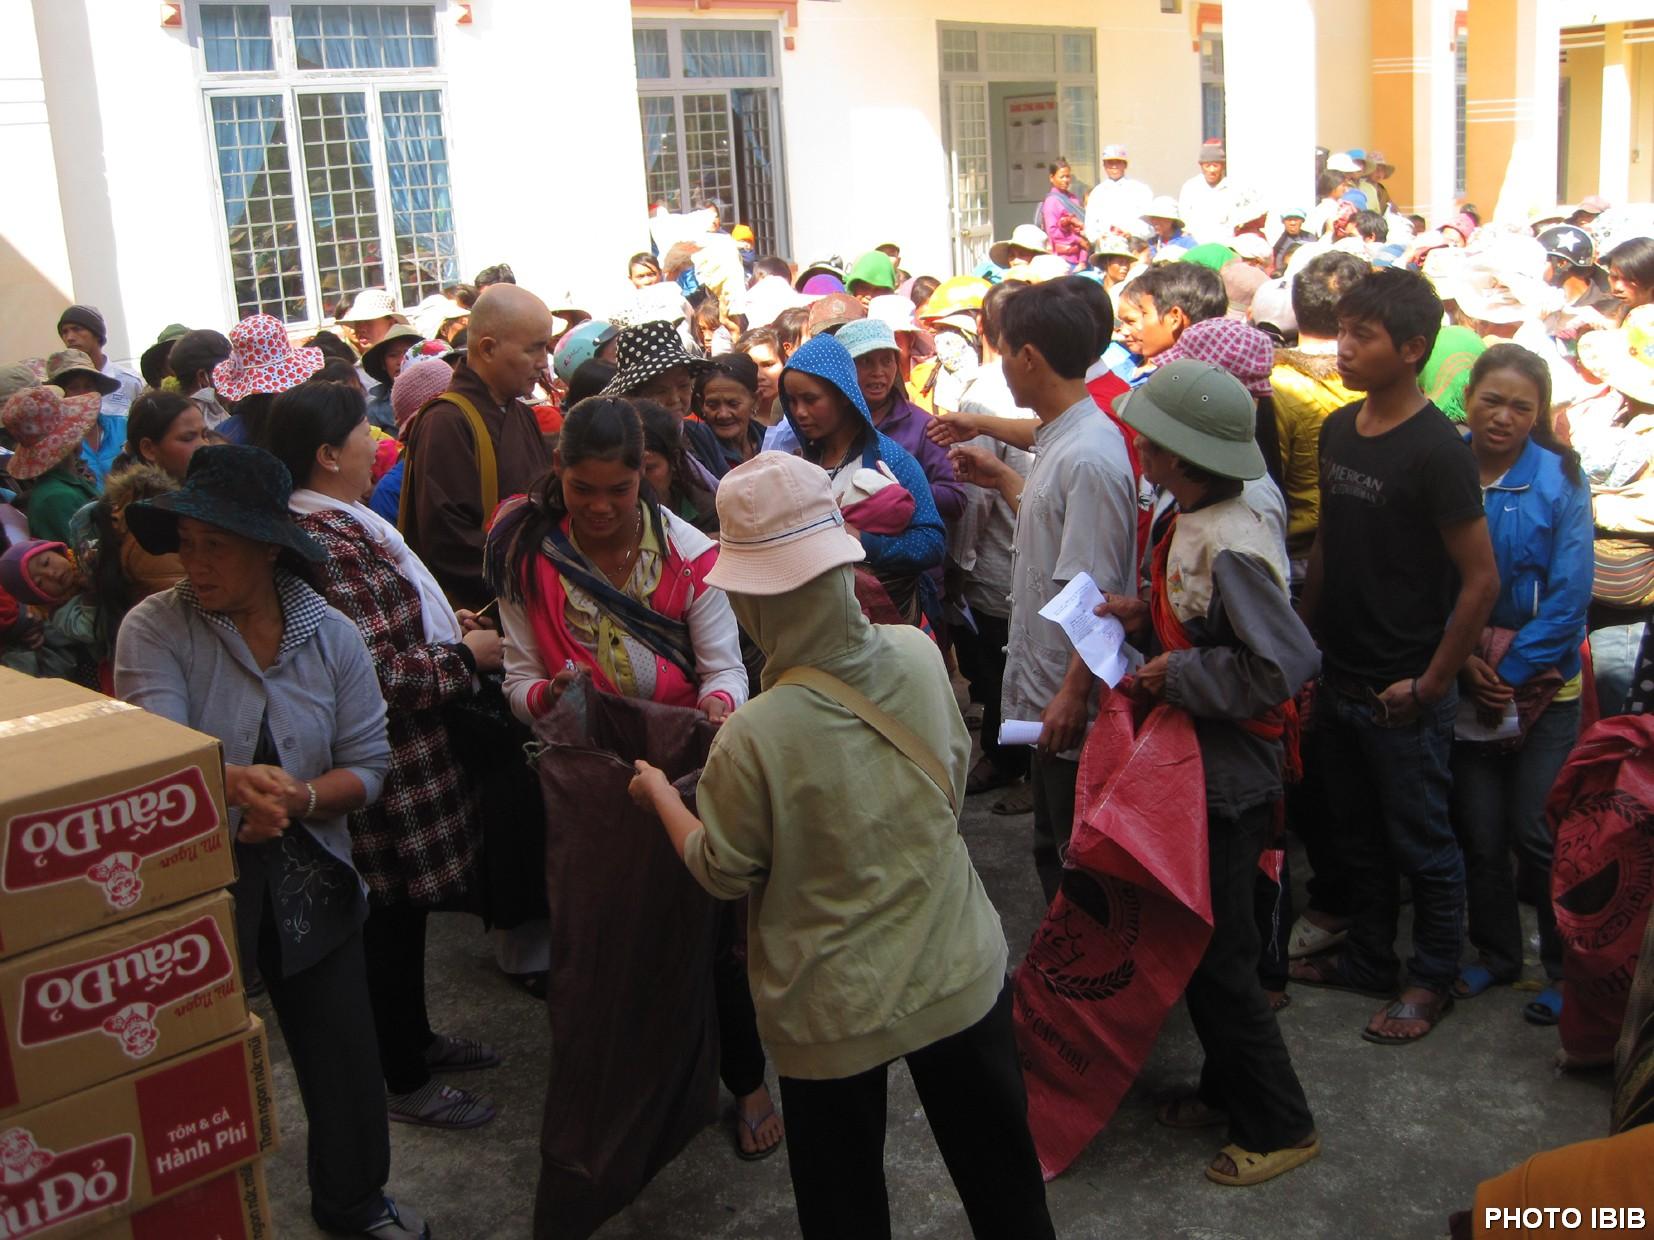 Đồng bào dân tộc ít người tụ họp rất đông để nhận Quà Tết Ất Mùi 2015